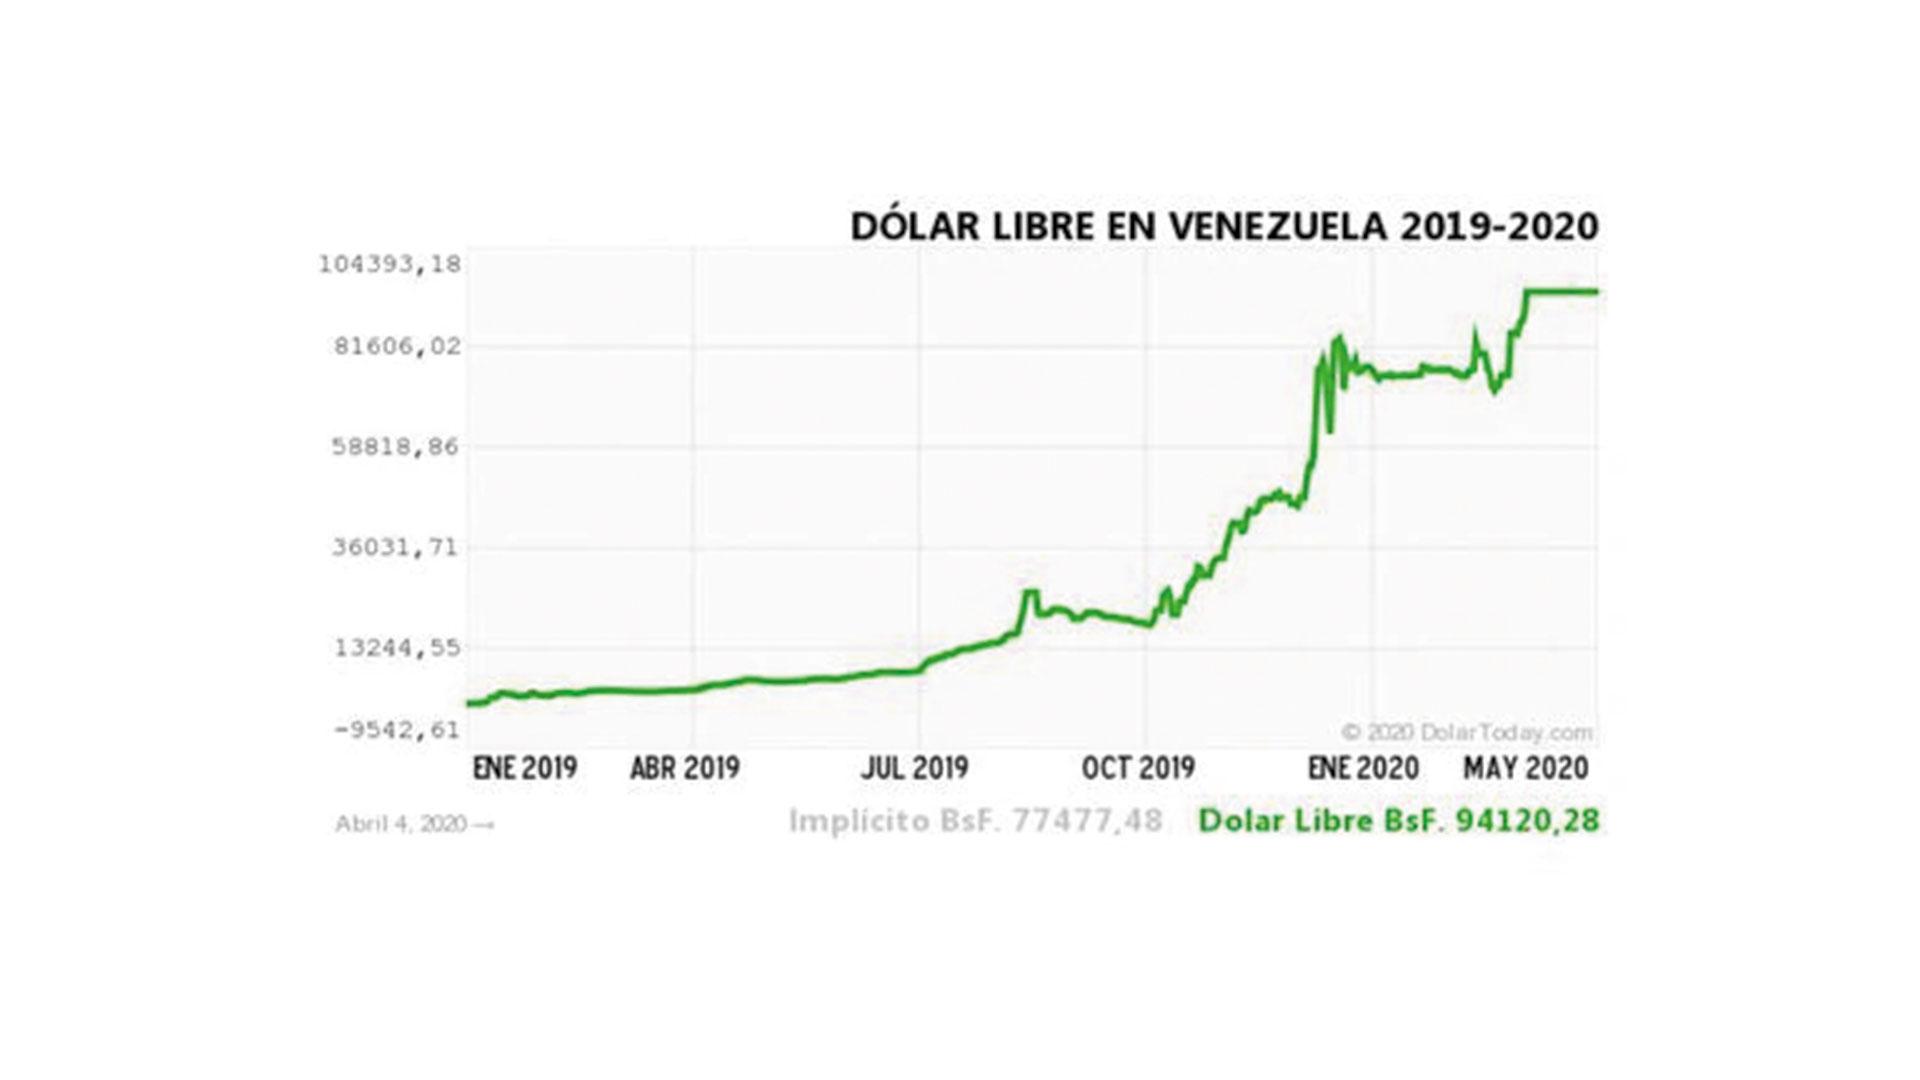 dolar en venezuela - noticiero de venezuela